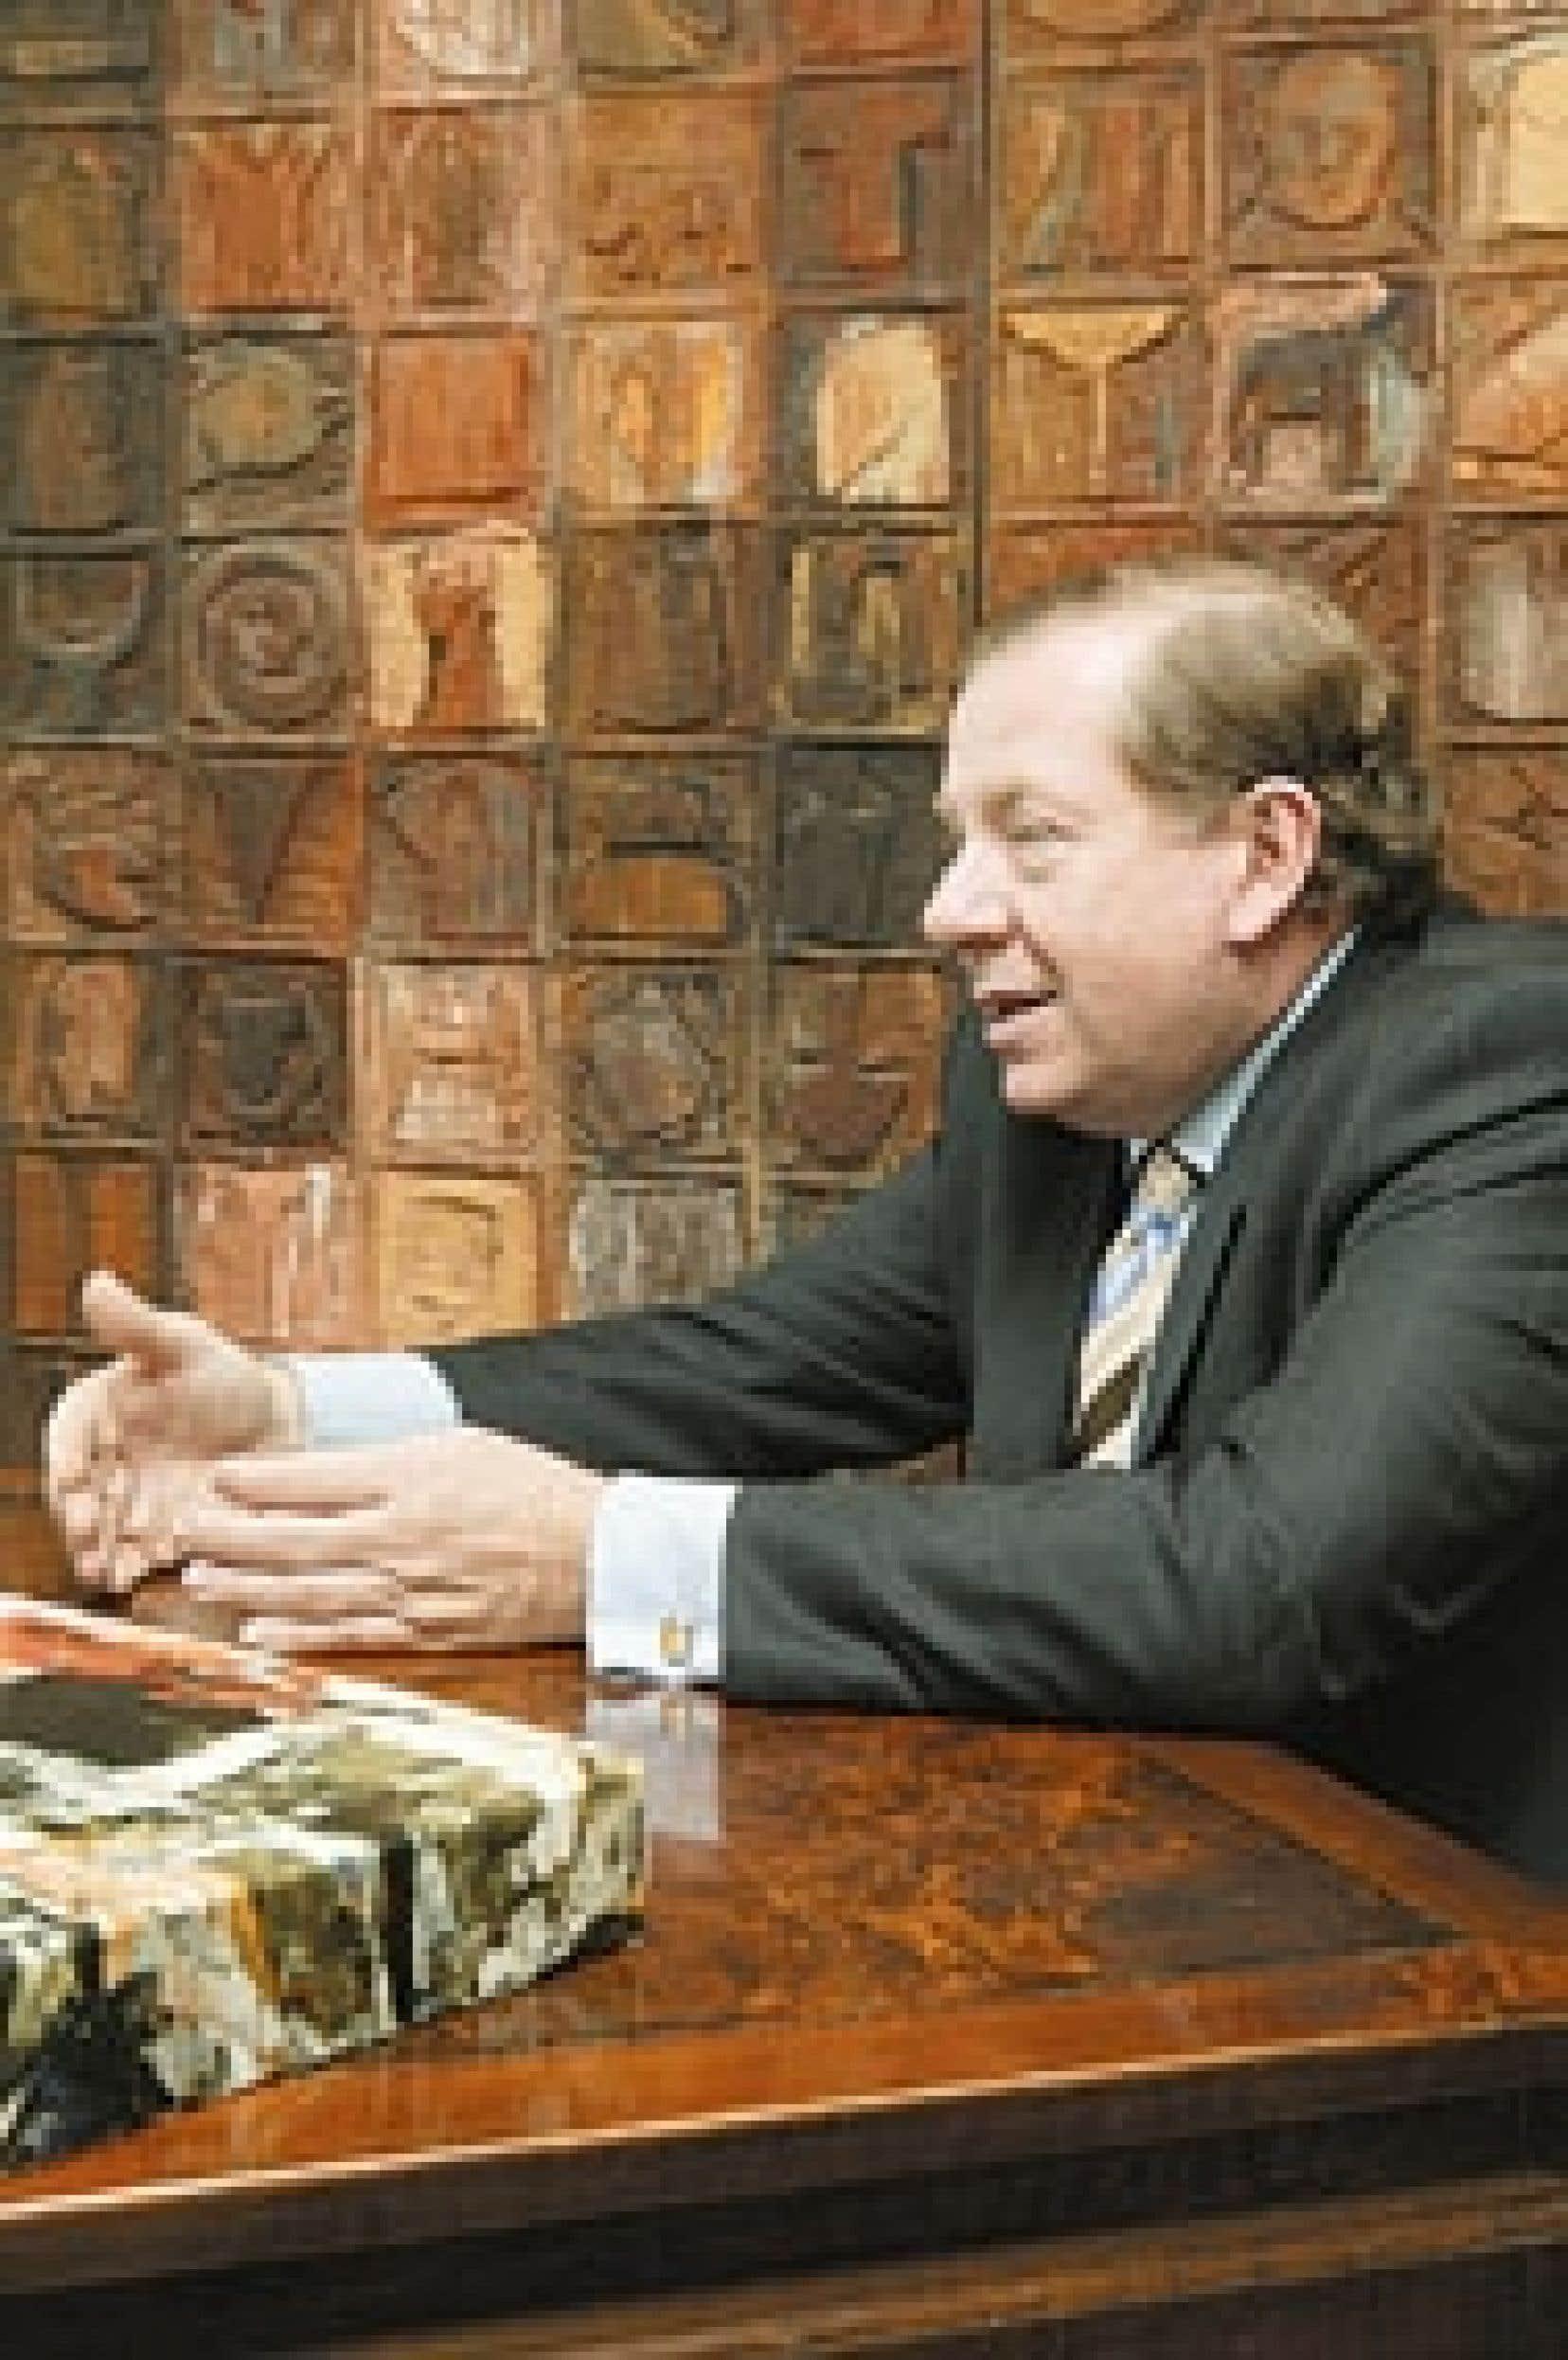 Bernard Poulin est à la tête du Groupe S.M., qui compte 600 employés, totalise des revenus de 100 millions et rayonne dans plus de 20 pays. Âgé de 54 ans, M. Poulin est convaincu qu'il vaut mieux travailler le plus longtemps possible, mais en s'